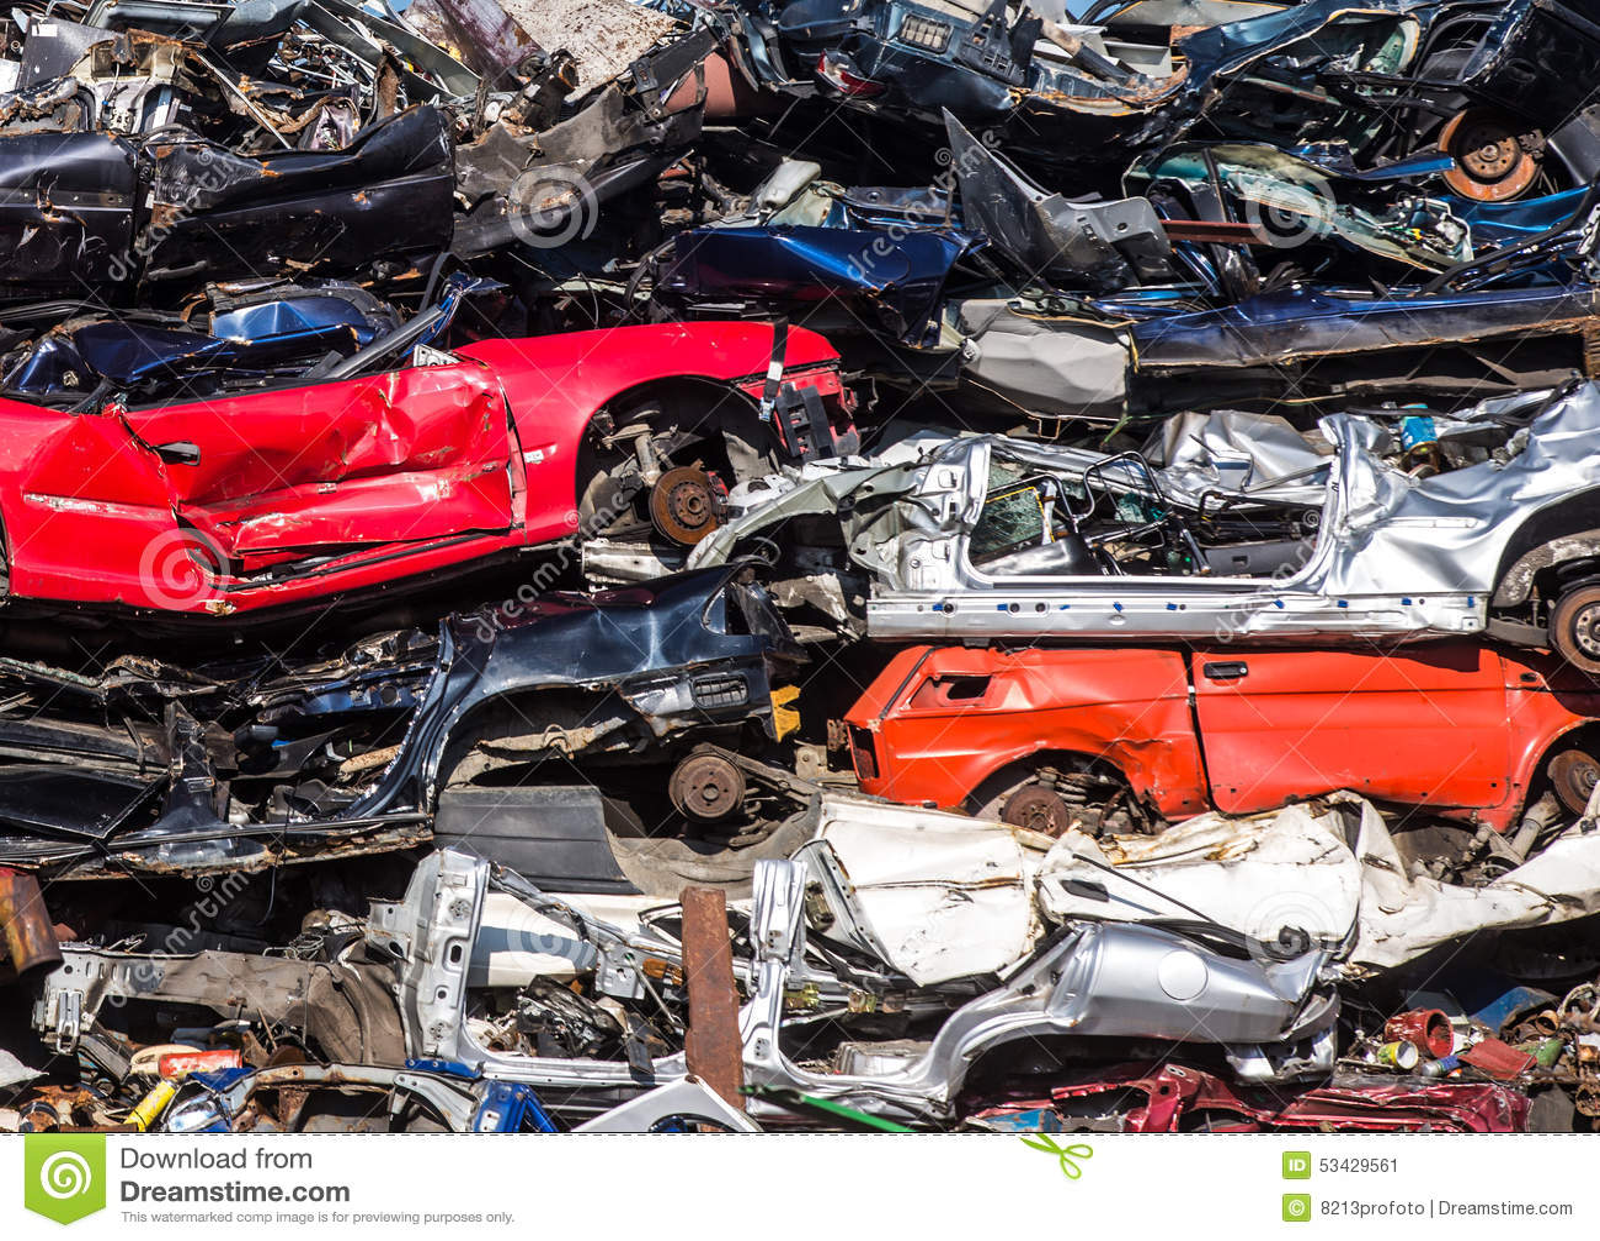 Pile Of Used Cars, Car Scrap Yard Stock Image - Image of broken ...